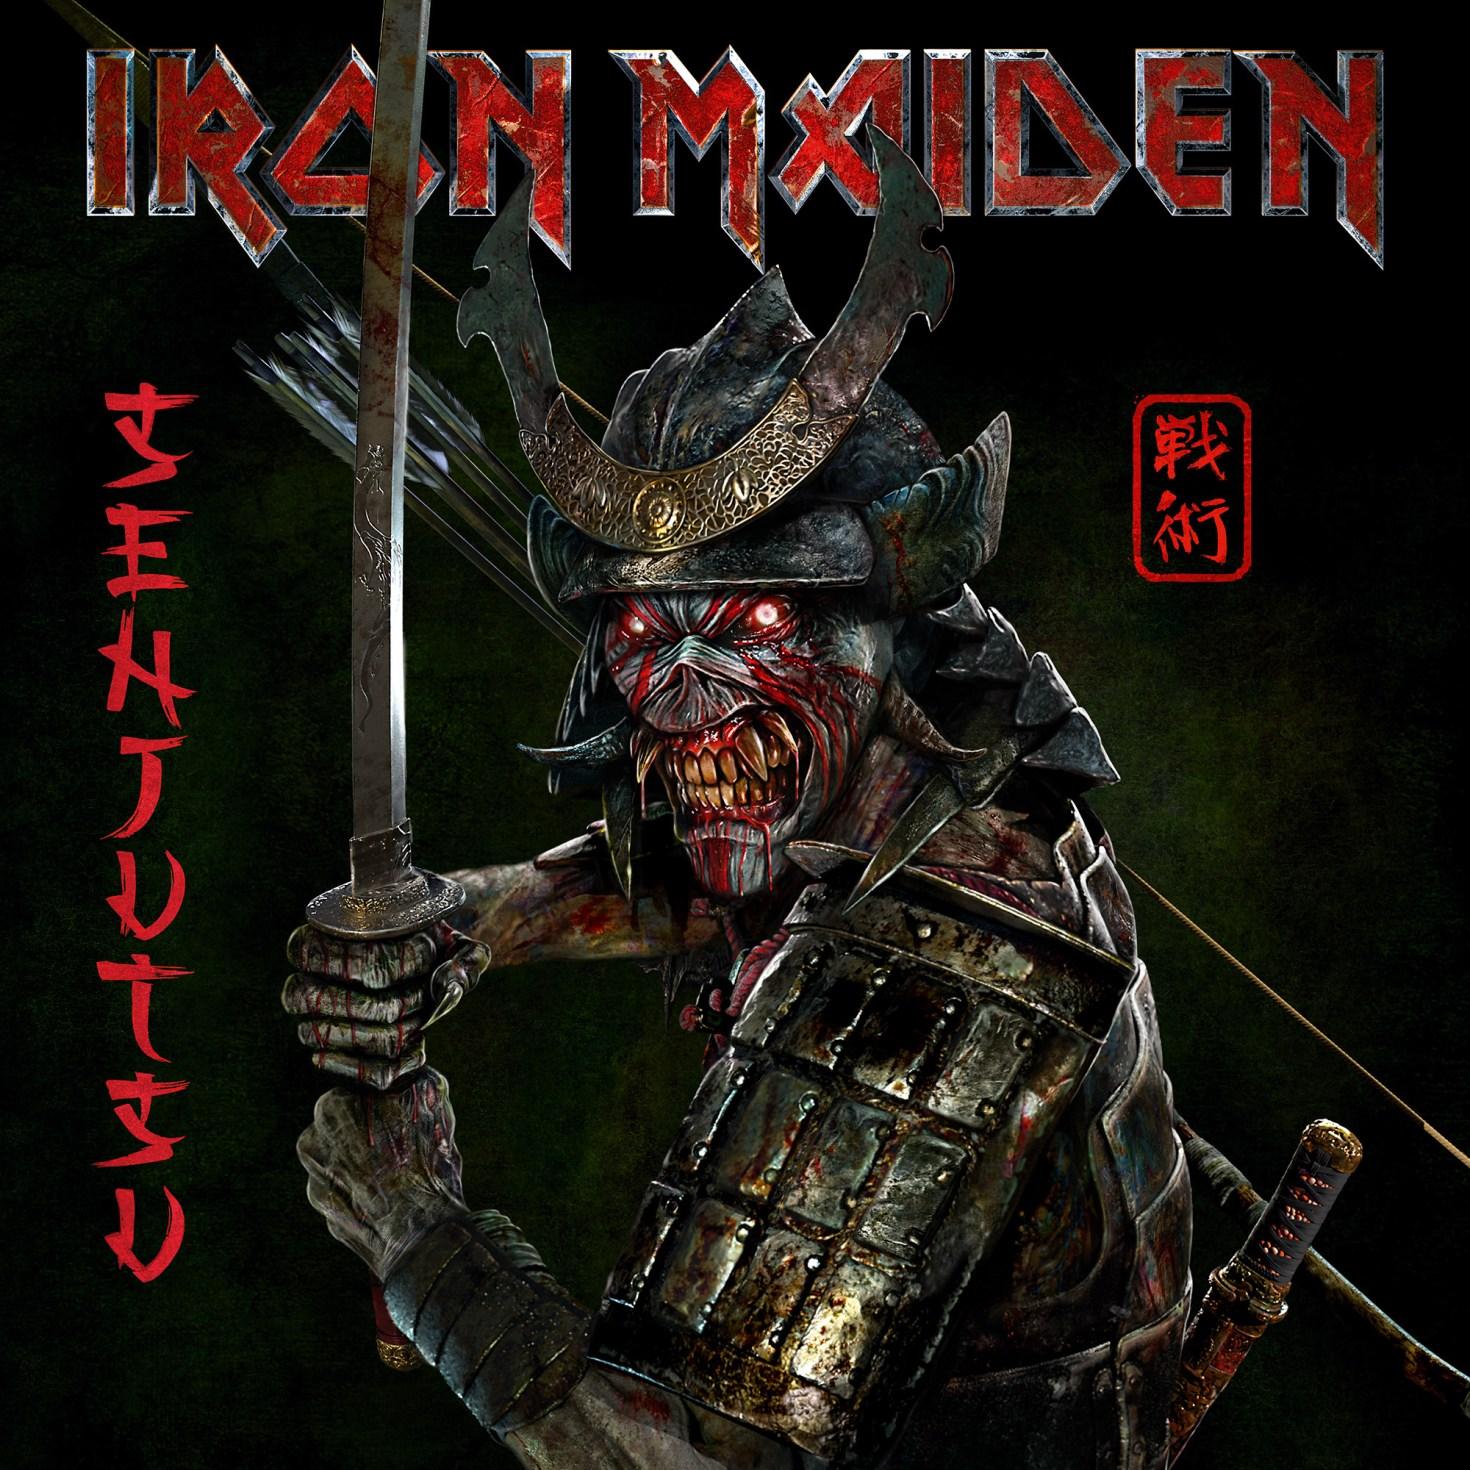 IRON MAIDEN  2021 album SENJUTSU cover art